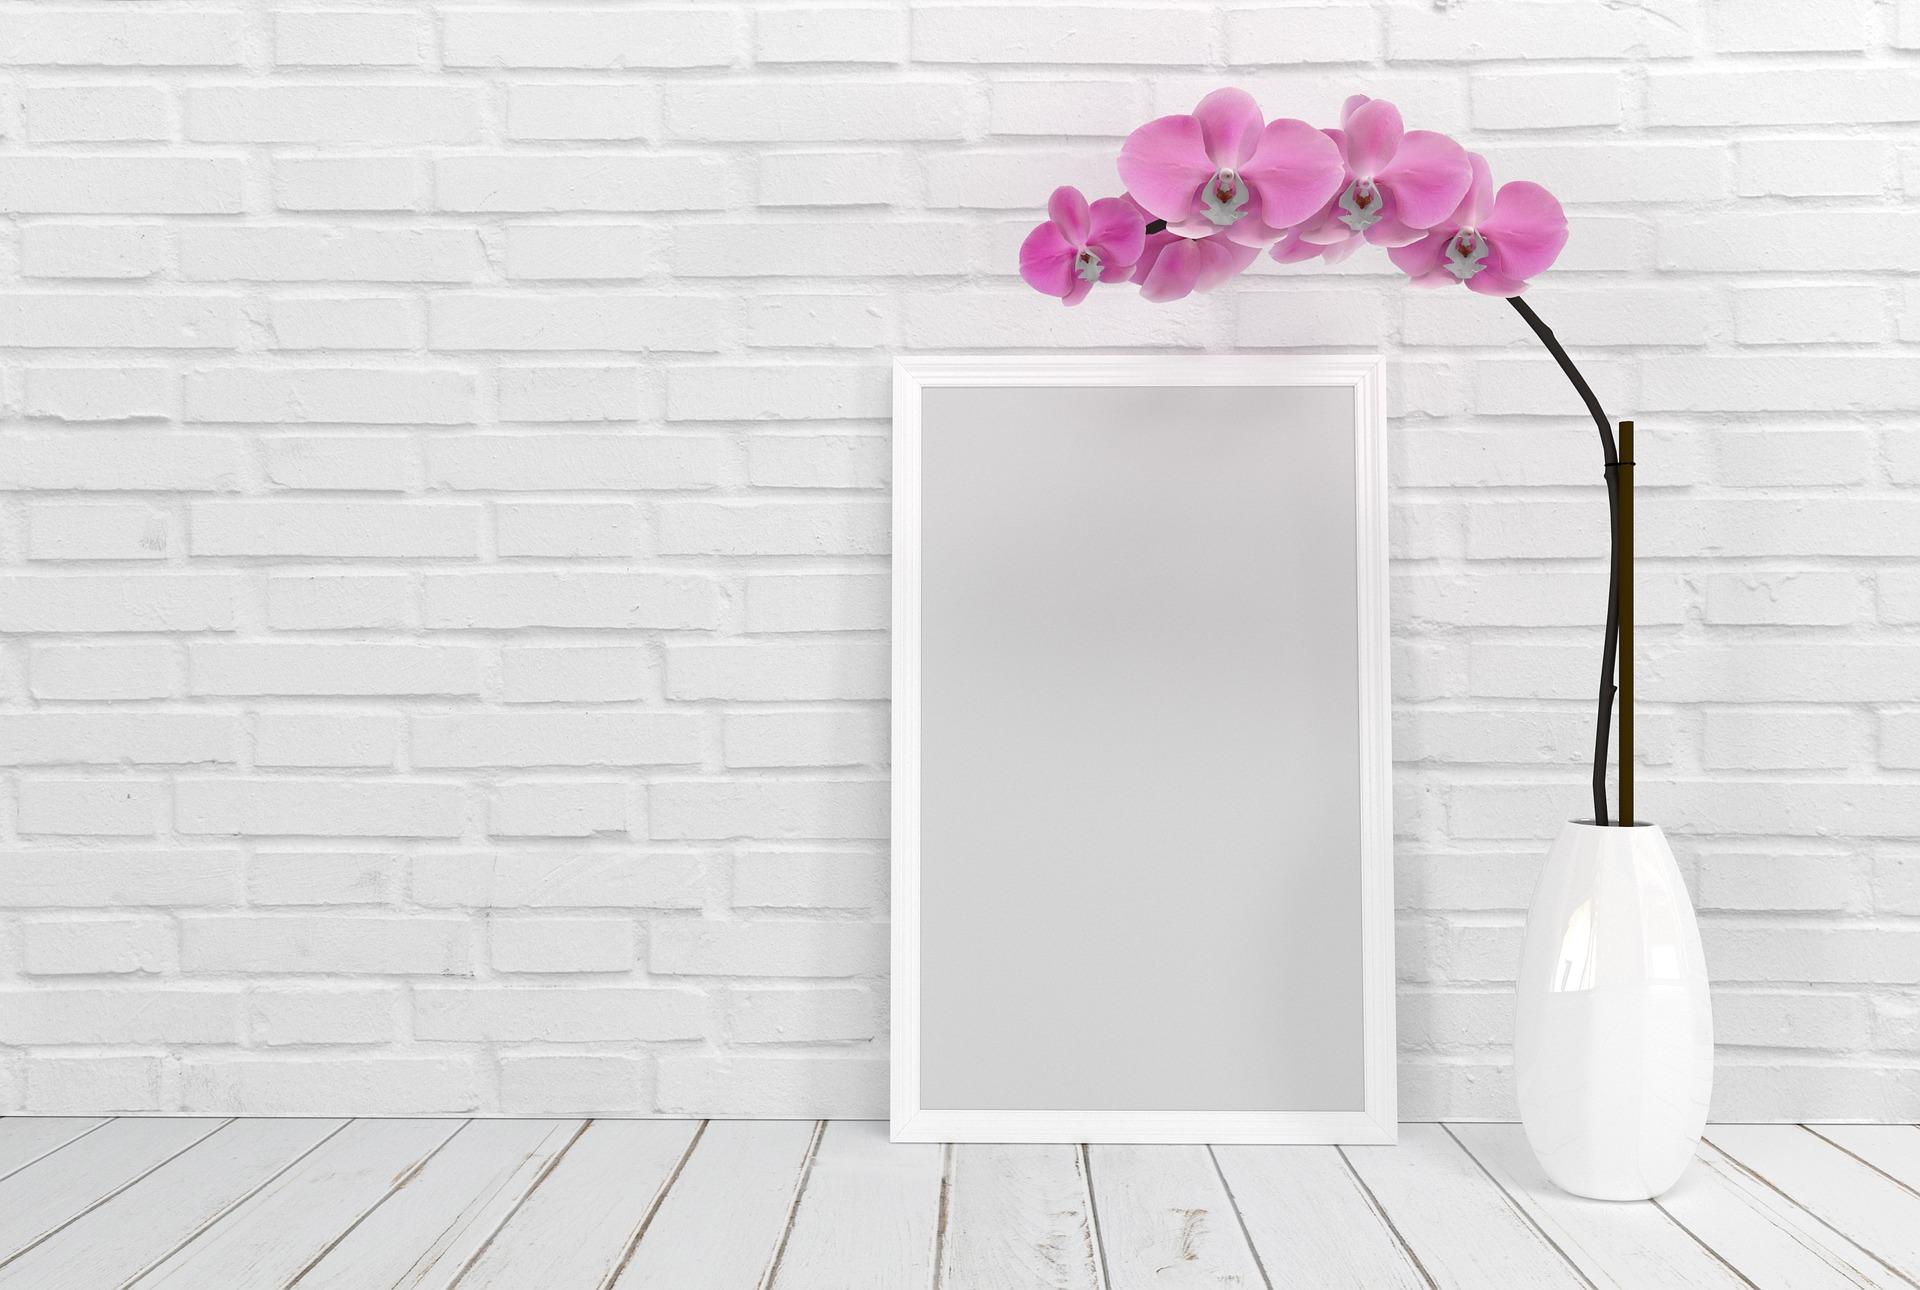 Comment_prendre_soin_des_orchidées_par_temps_chaud